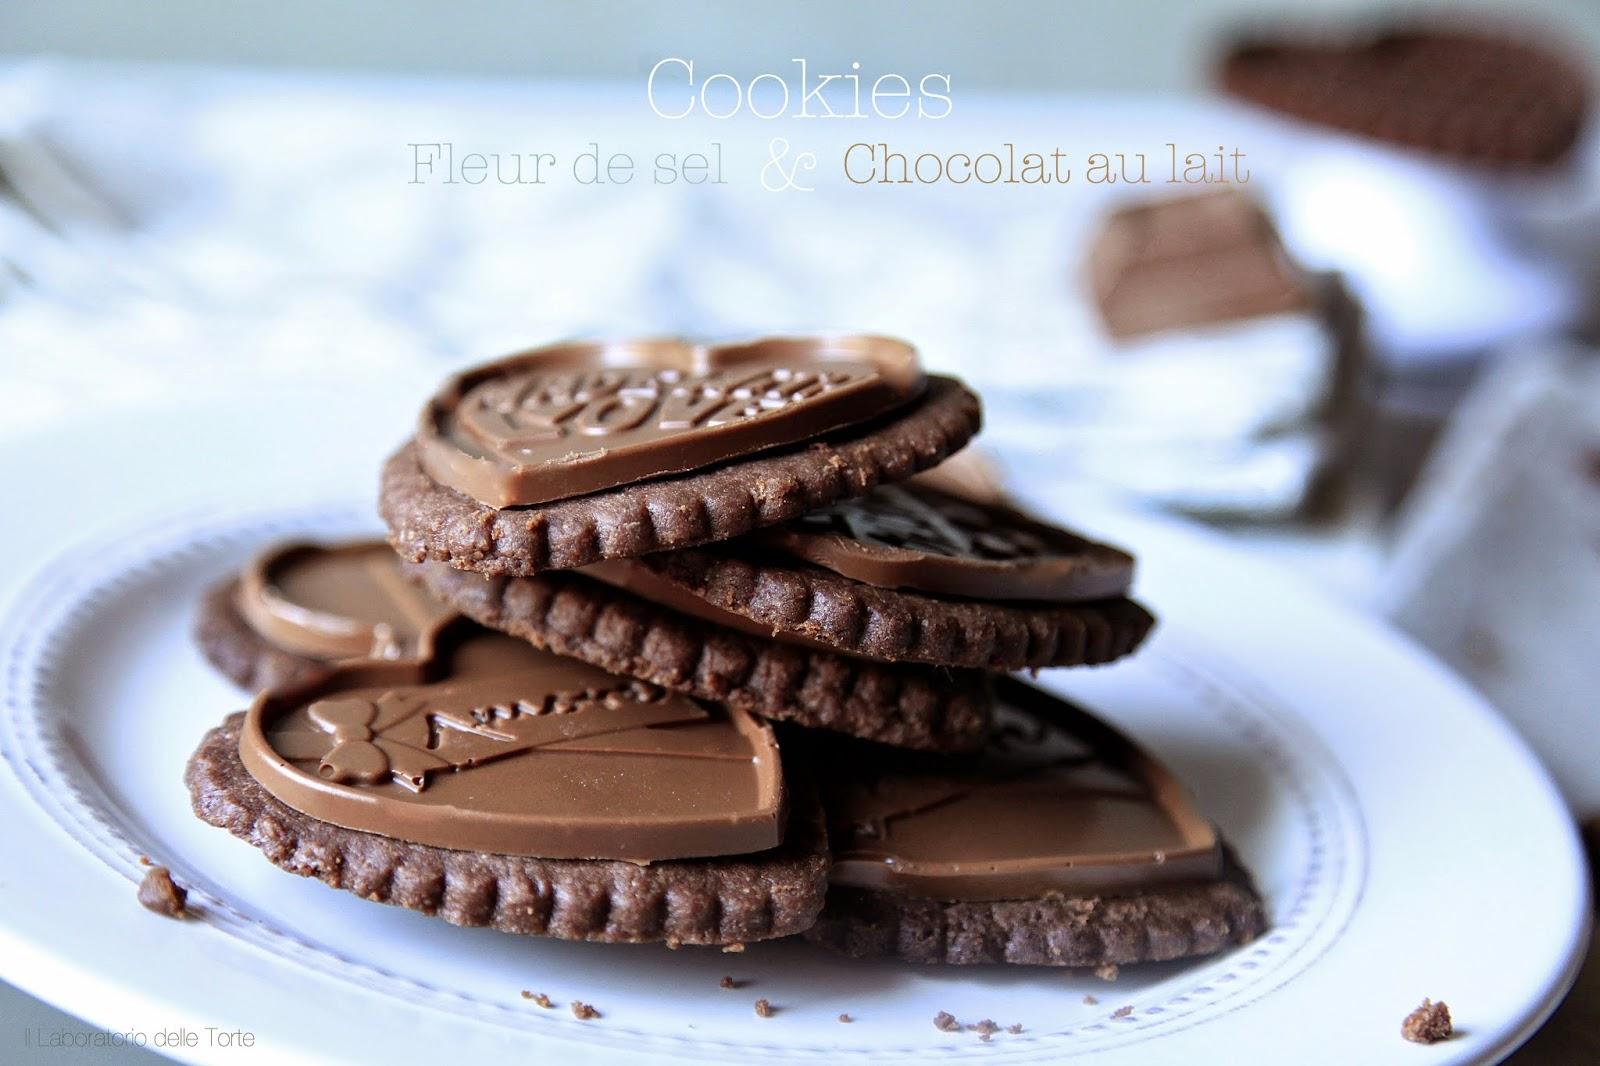 biscotti di frolla al cioccolato e fior di sale